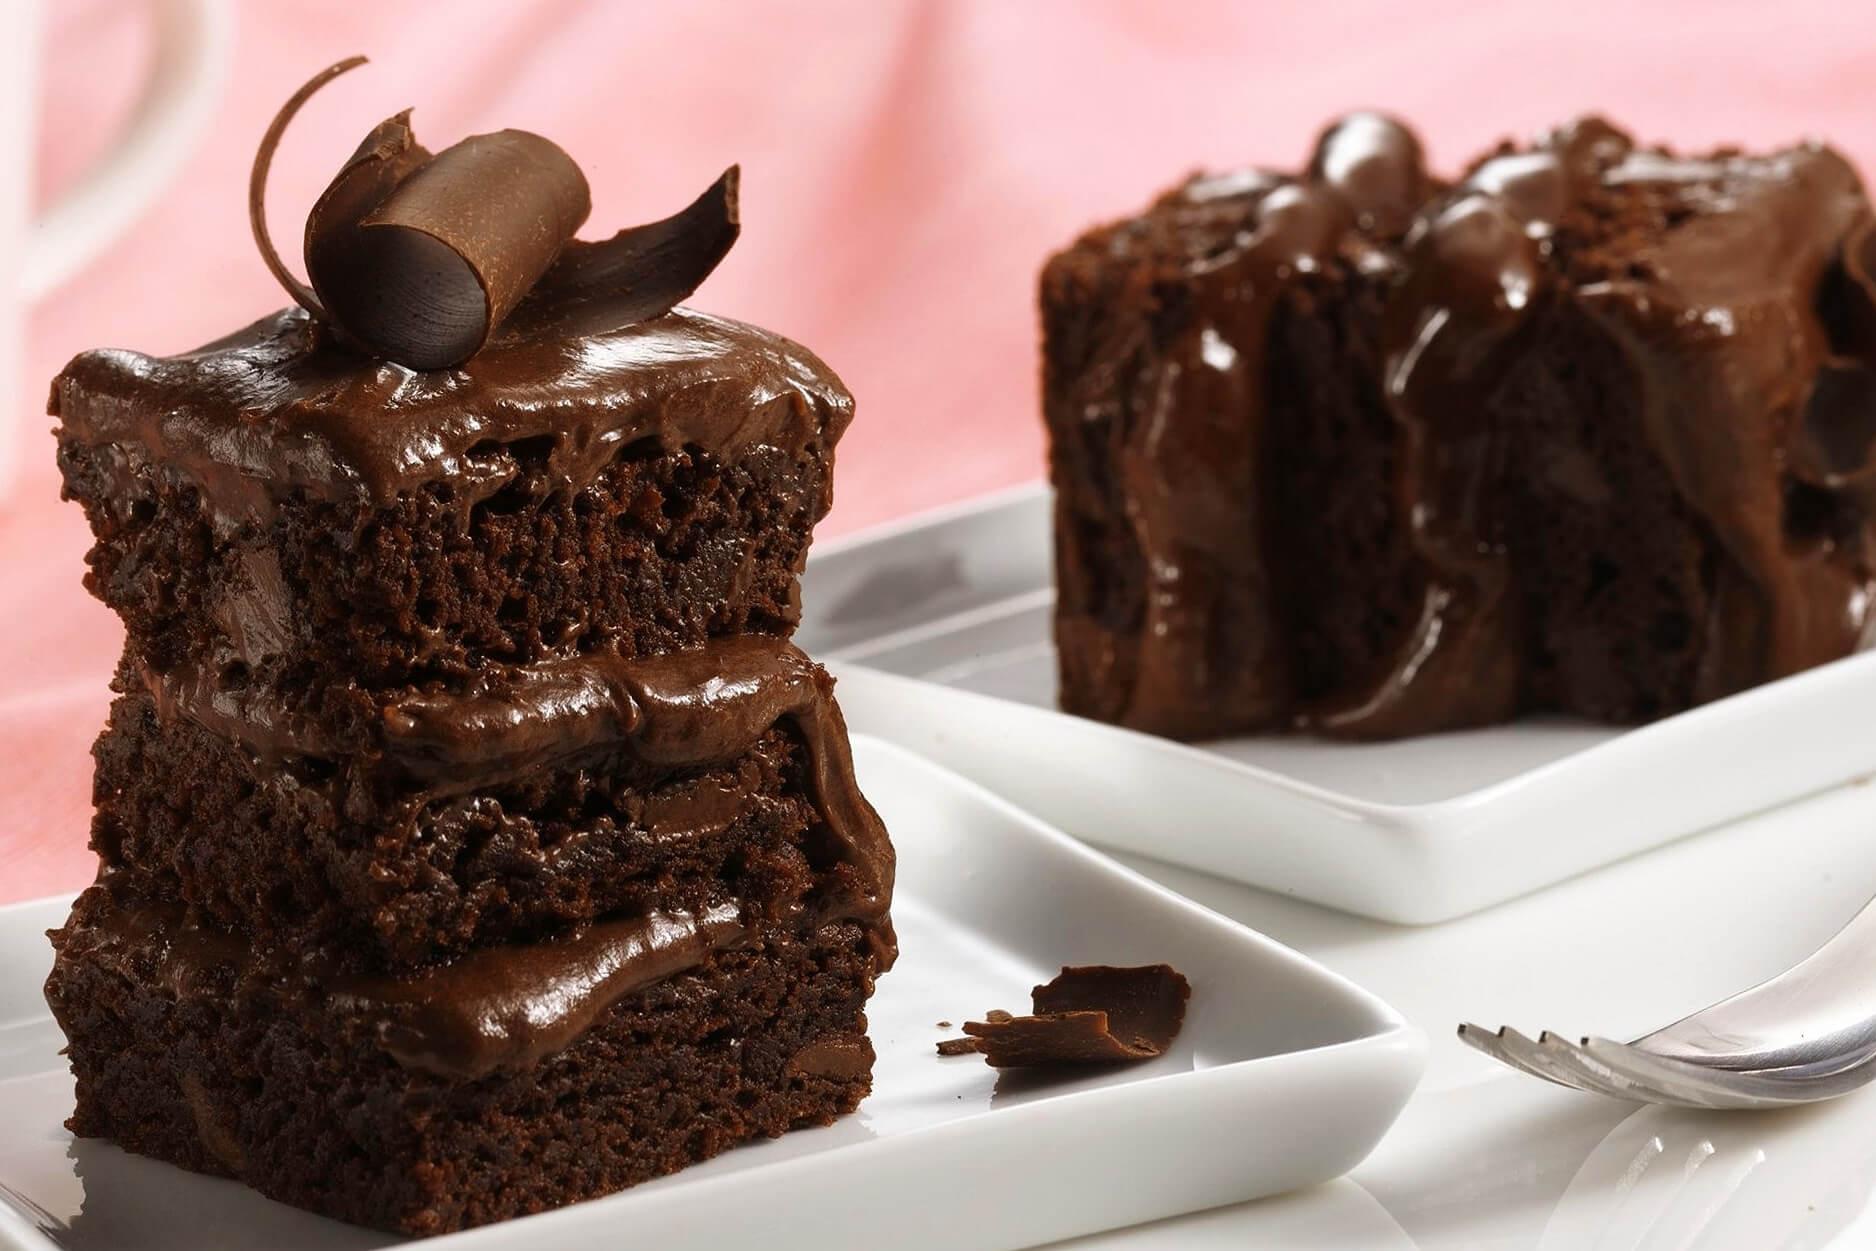 Самый вкусный шоколадный торт - подборка фото 7